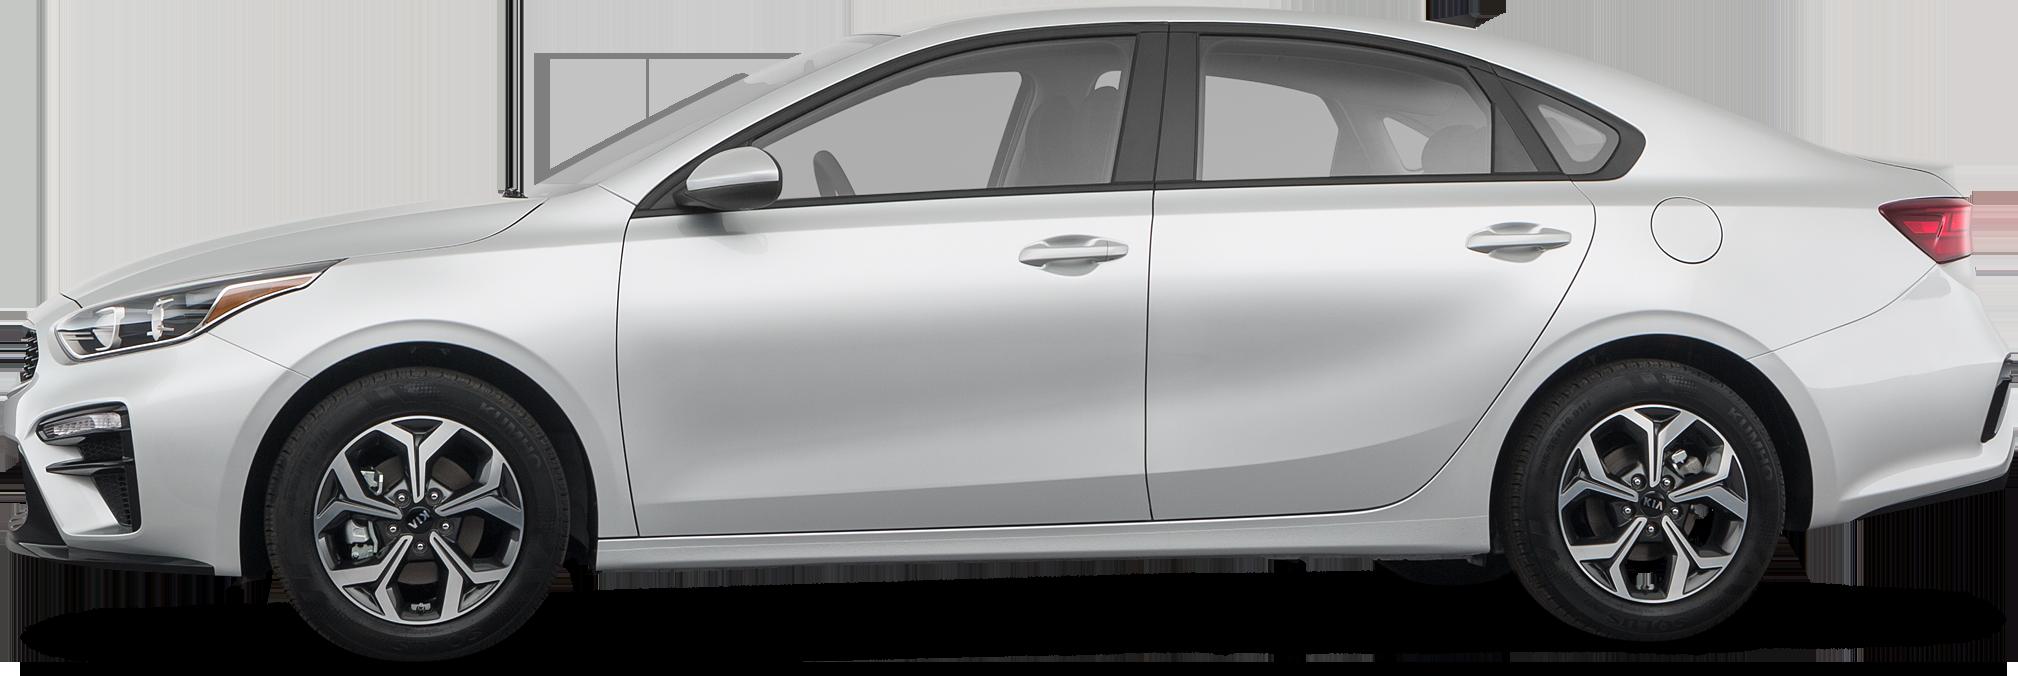 2019 Kia Forte Sedan LXS